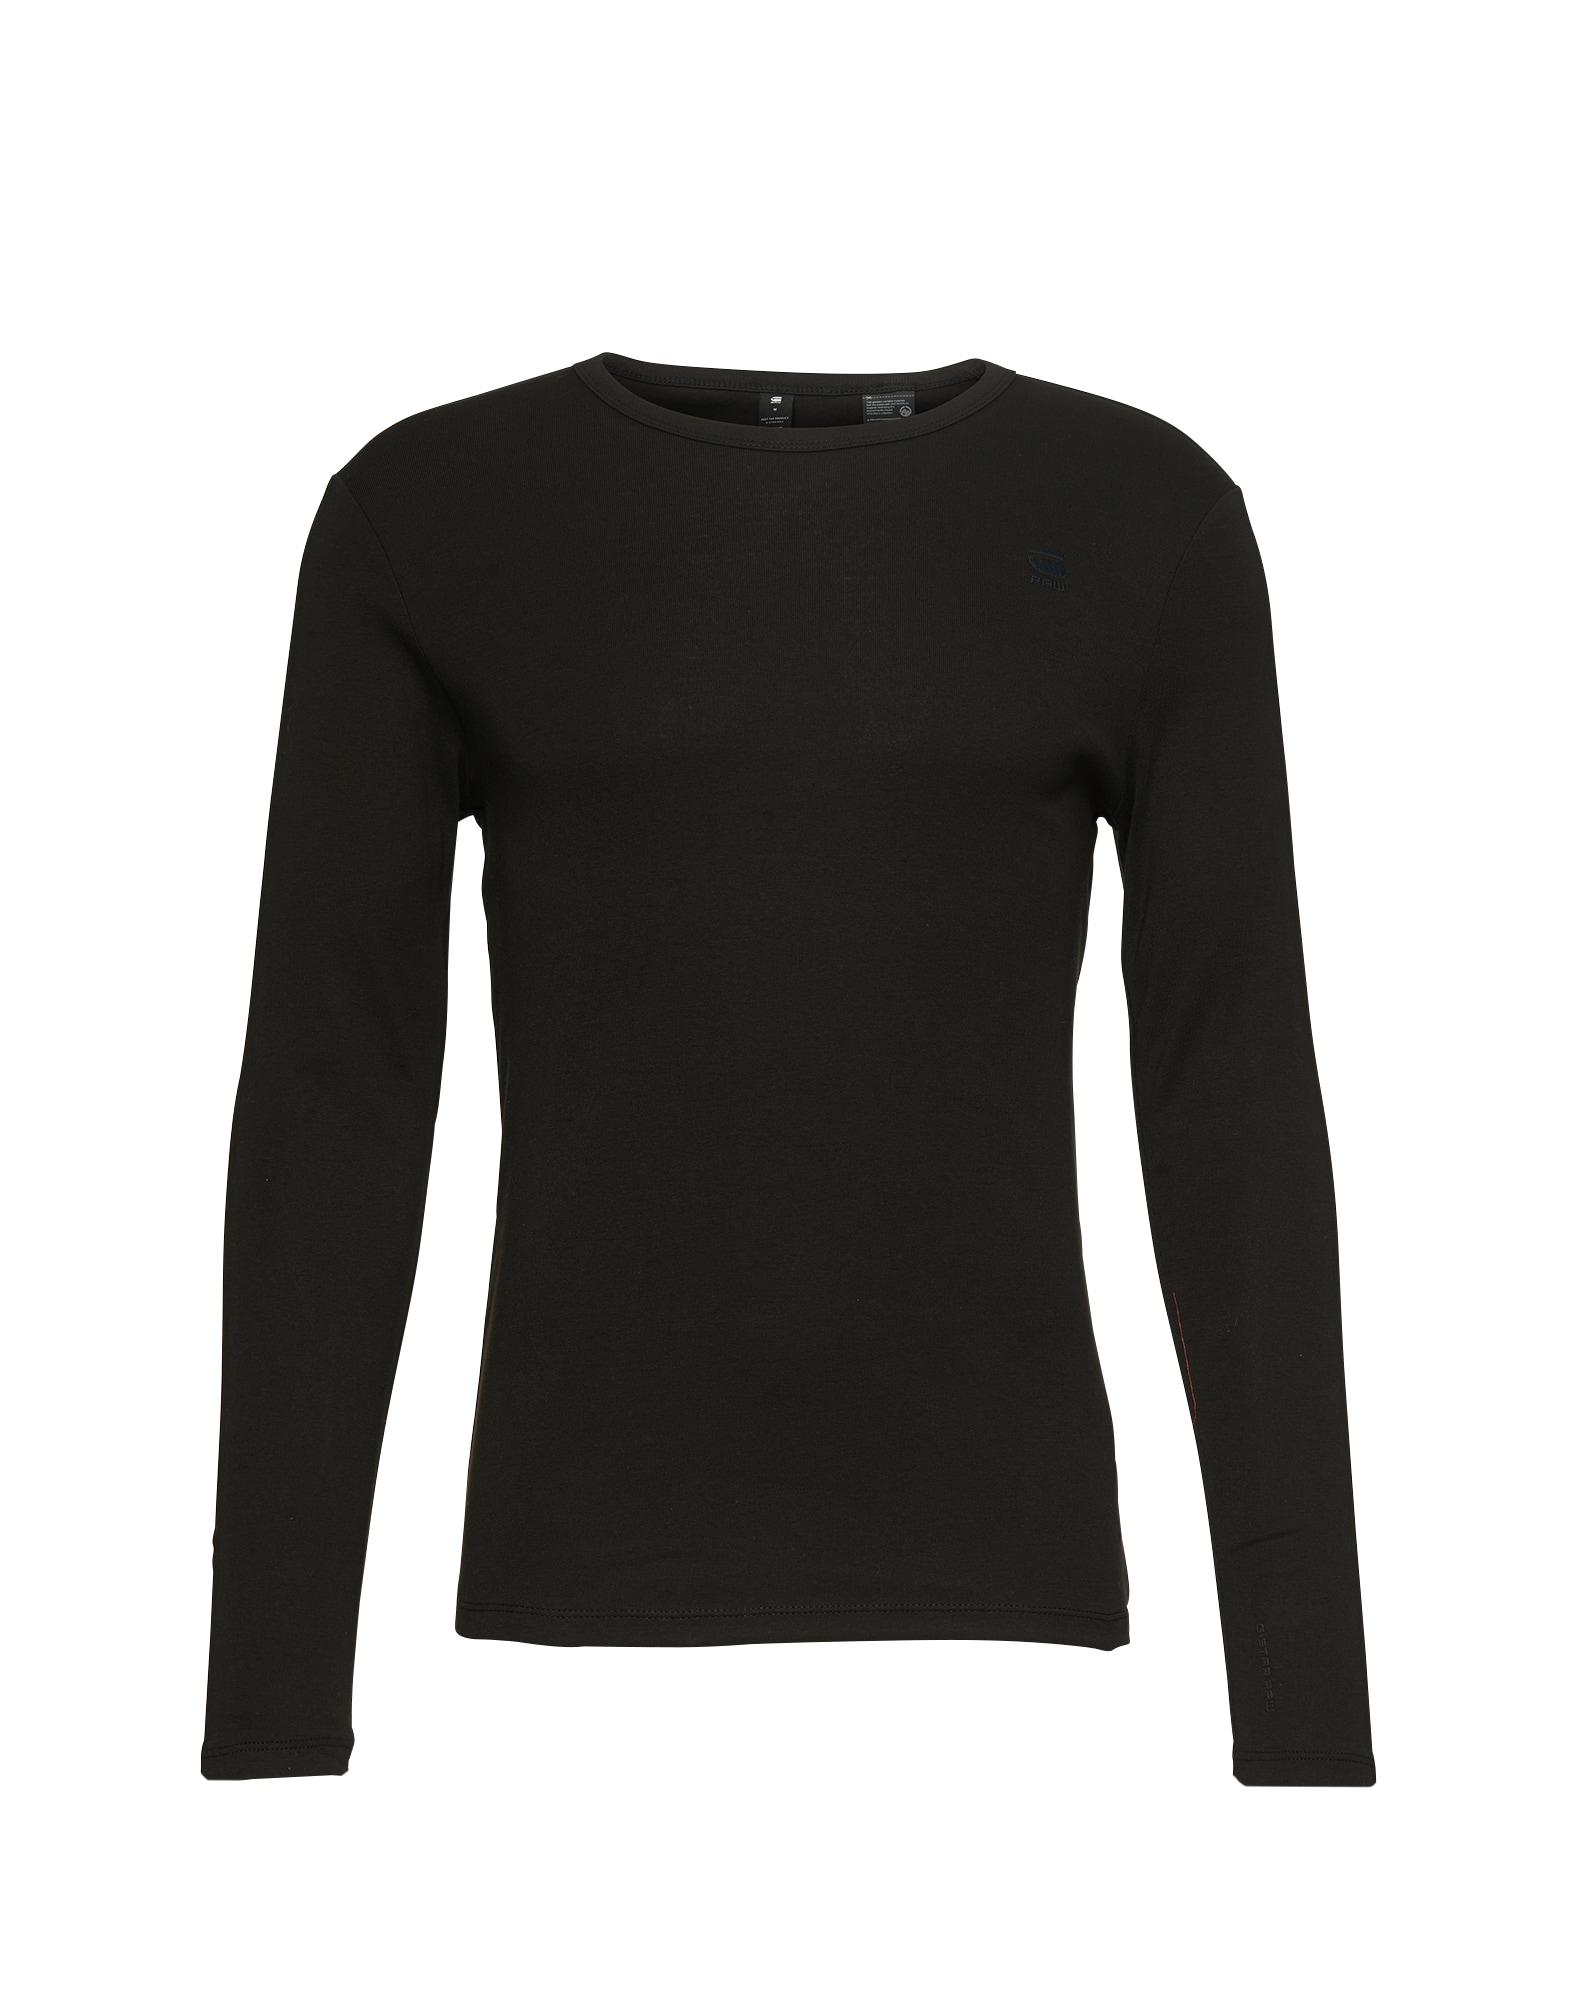 Langarmshirt in Slim Fit 'Base R T L/S' | Bekleidung > Shirts > Langarm Shirts | G-Star Raw